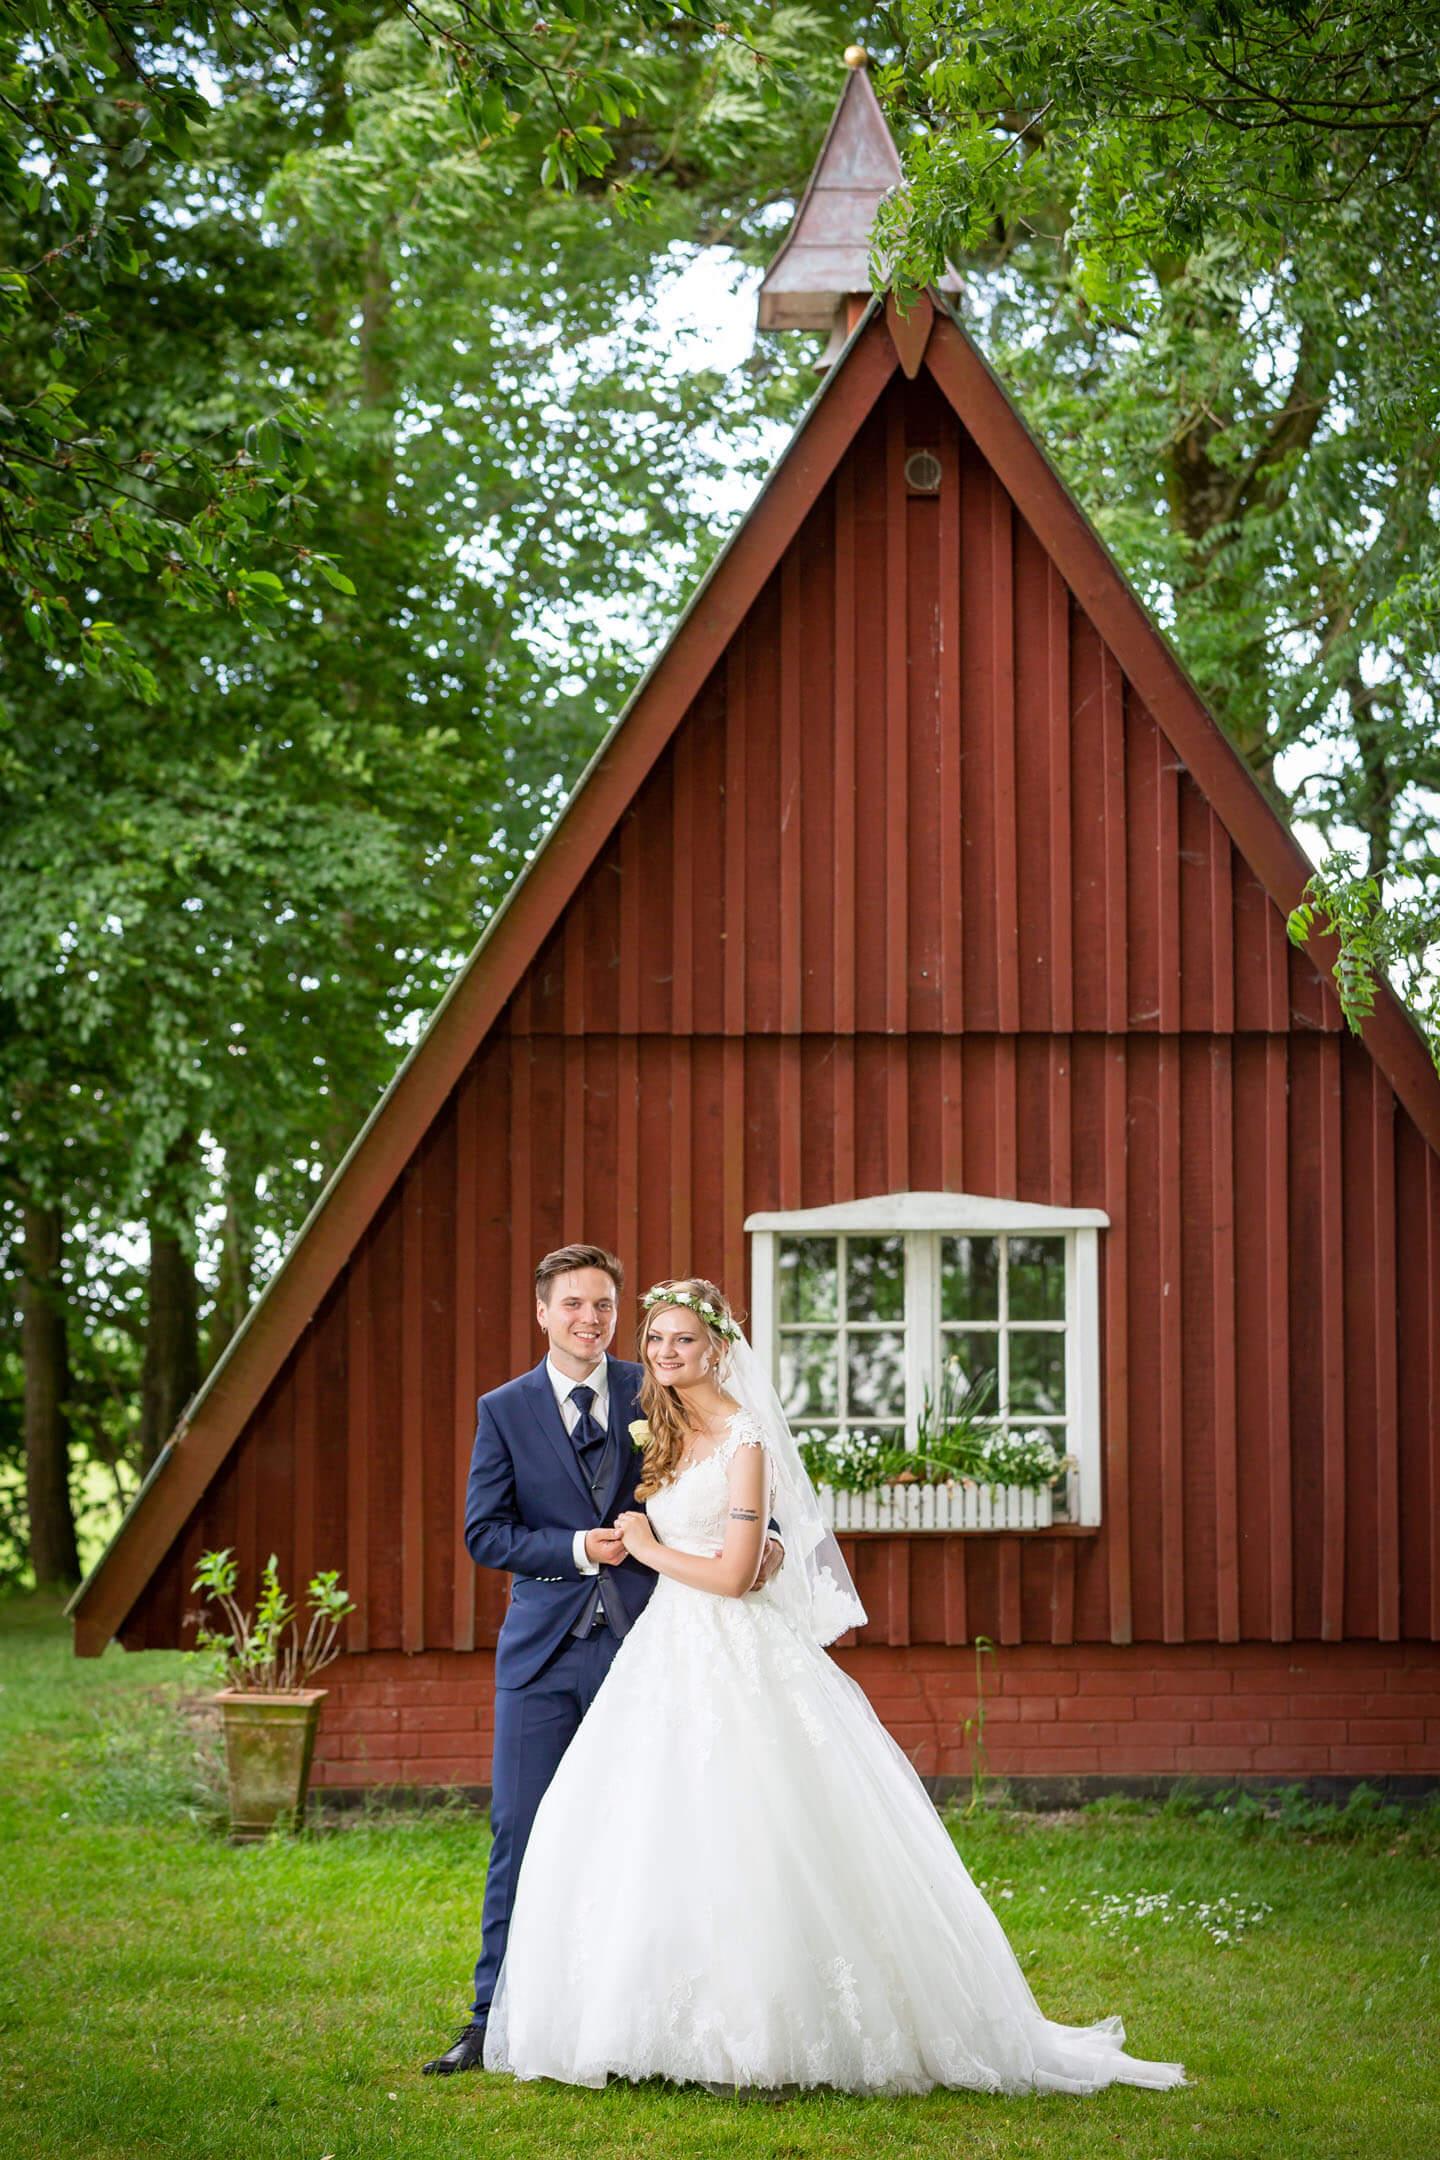 Raa-Besenbek - Alte Ziegelei. Eine tolle Location zum Feiern und für Hochzeitsfotos